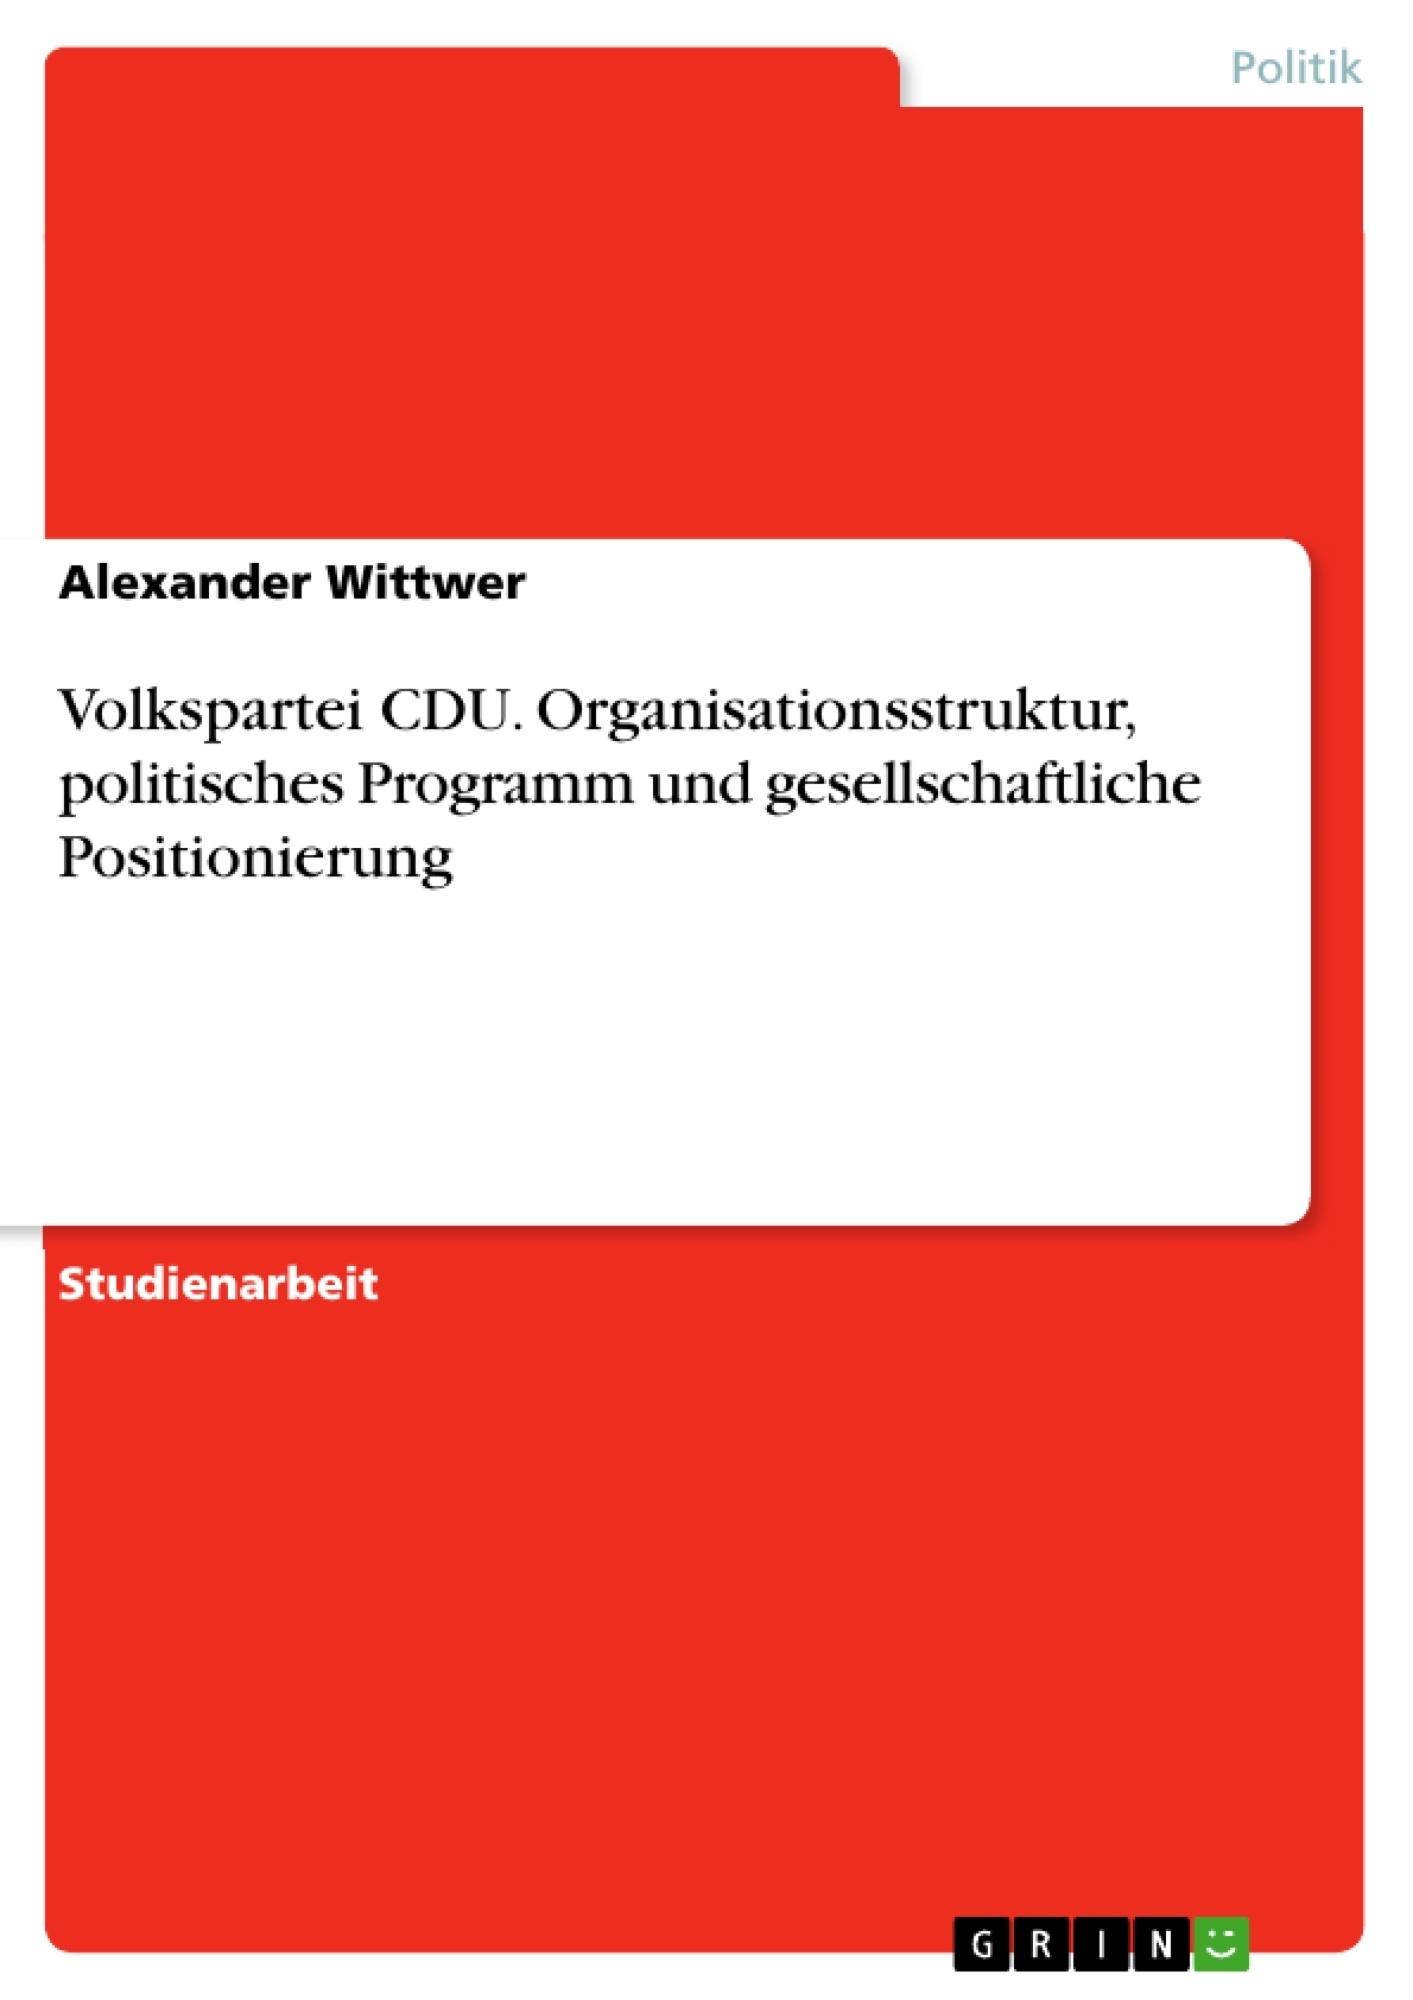 Titel: Volkspartei CDU. Organisationsstruktur, politisches Programm und gesellschaftliche Positionierung